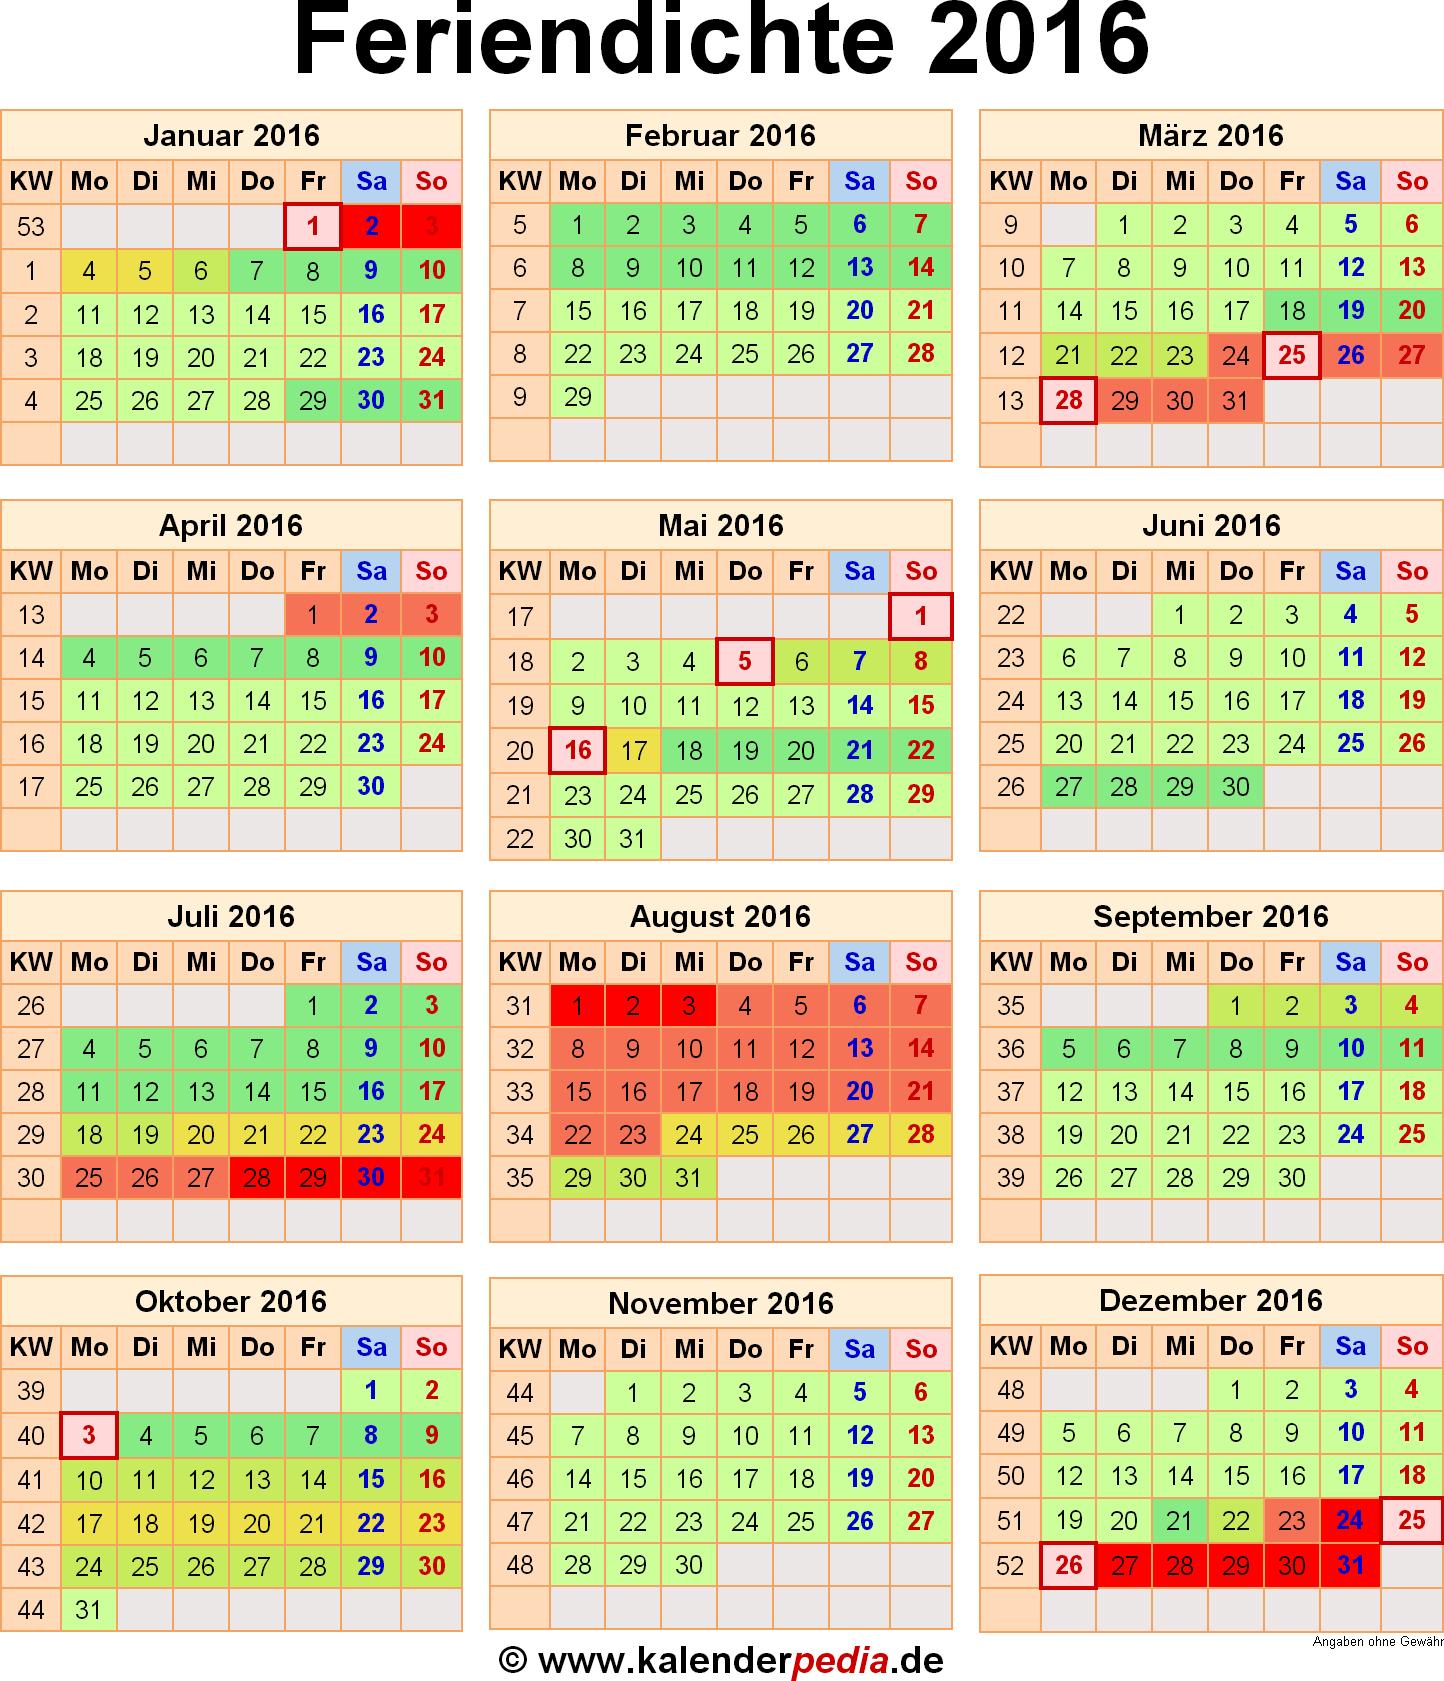 Feriendichte 2016